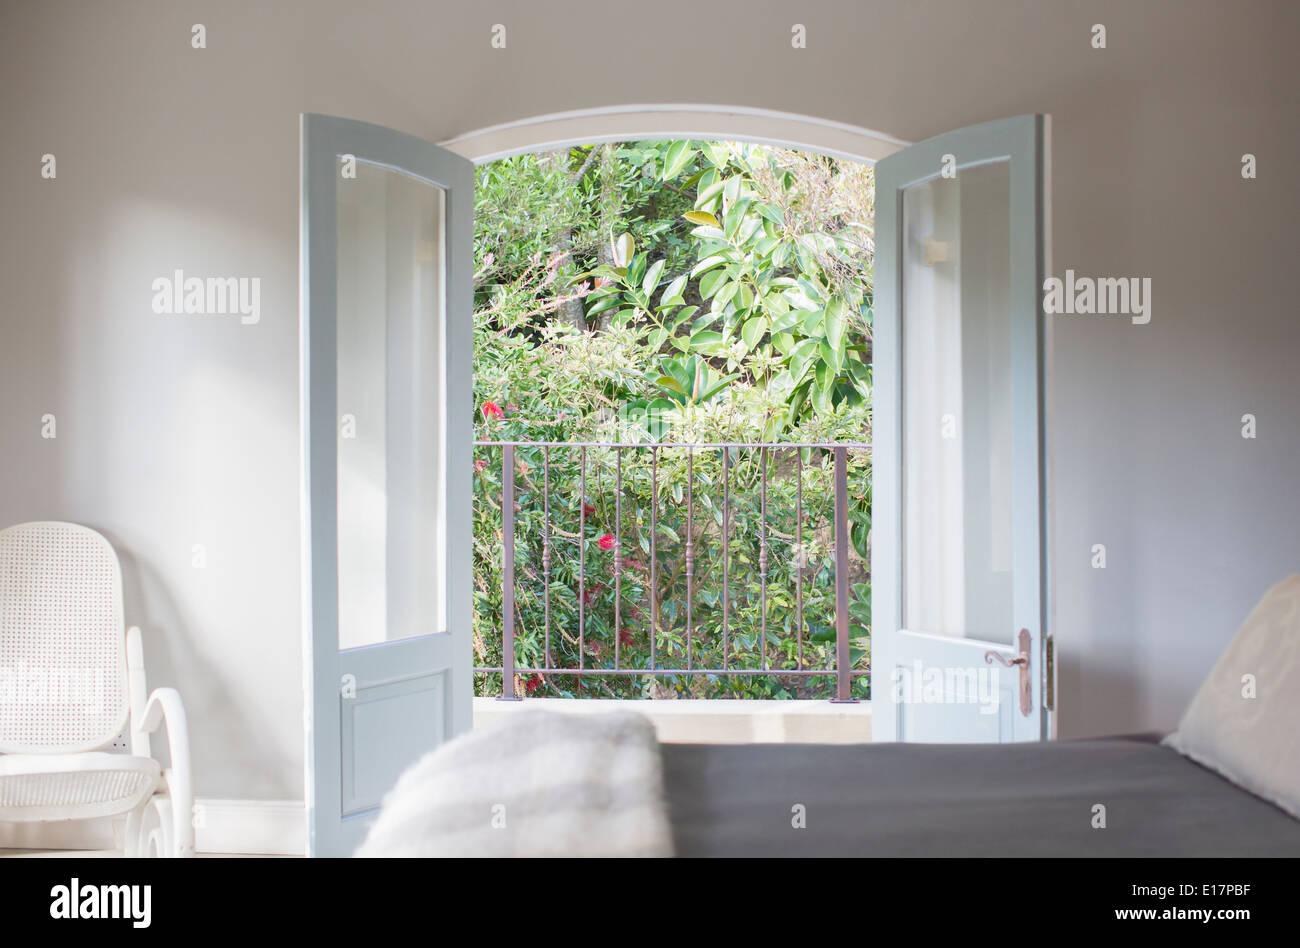 Balcony french doors - French Doors Open To Balcony In Luxury Bedroom